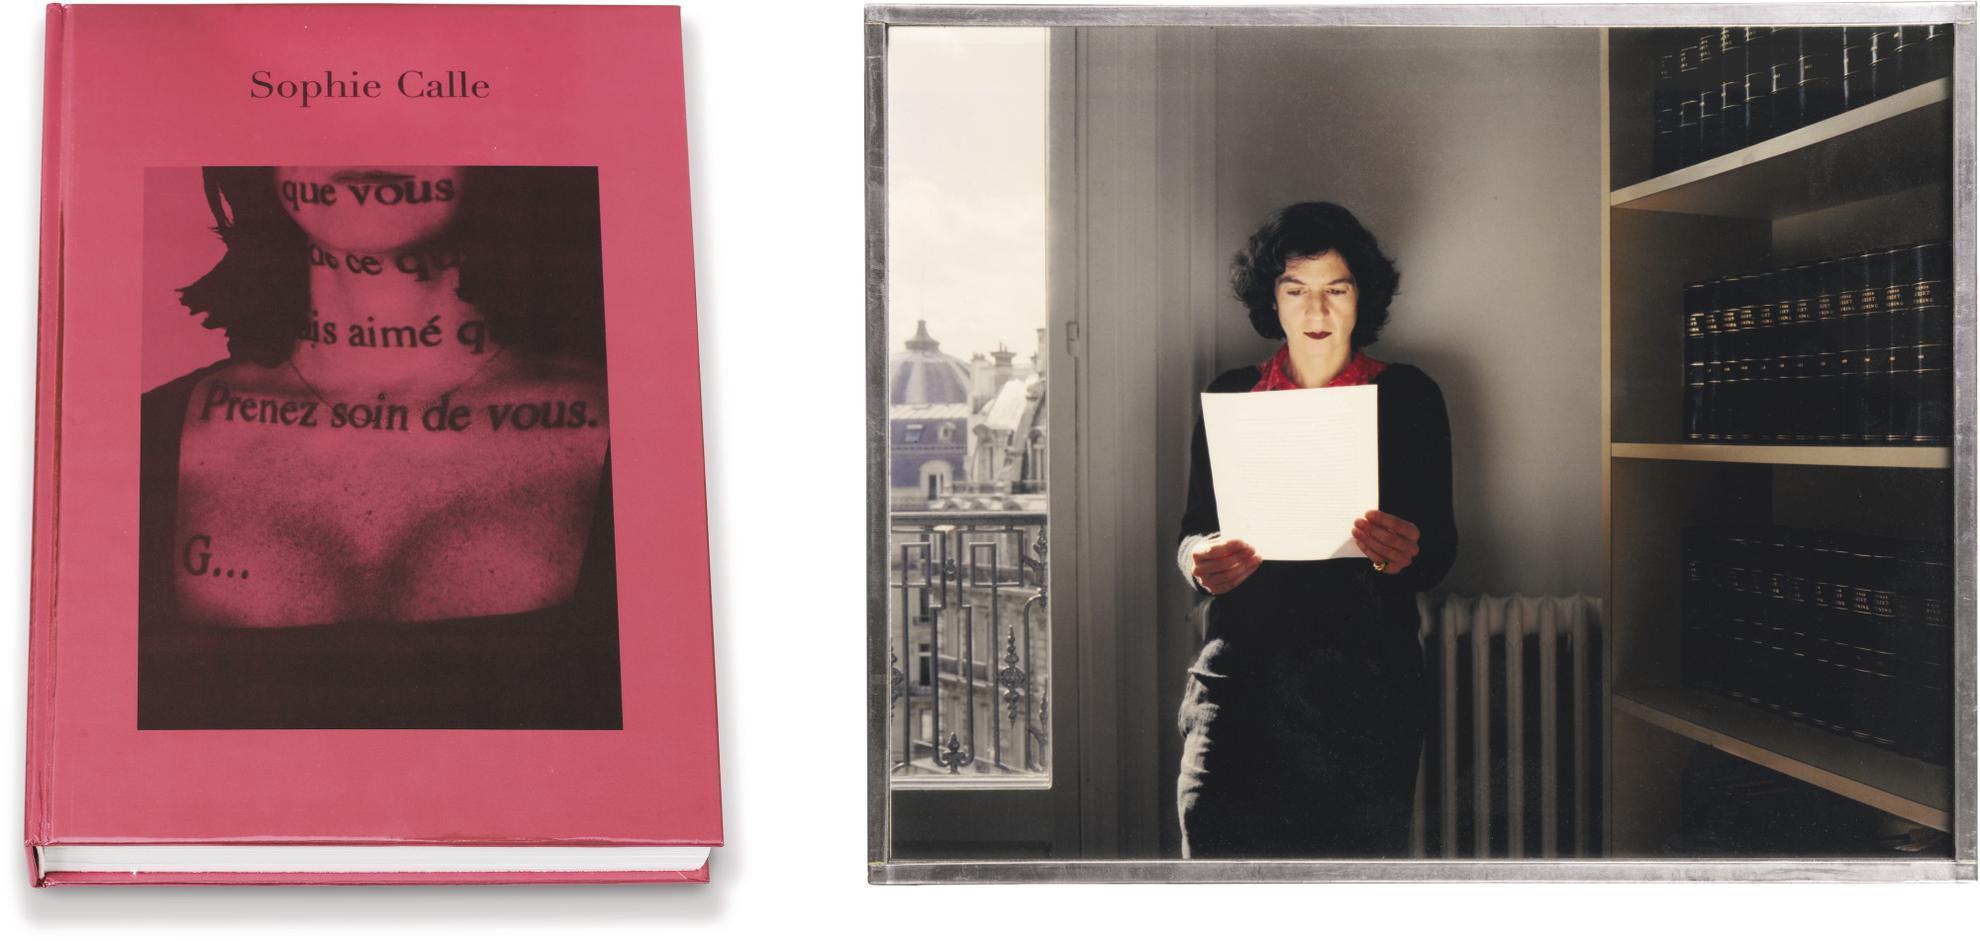 Sophie Calle-Prenez Soin De Vous, 2007-